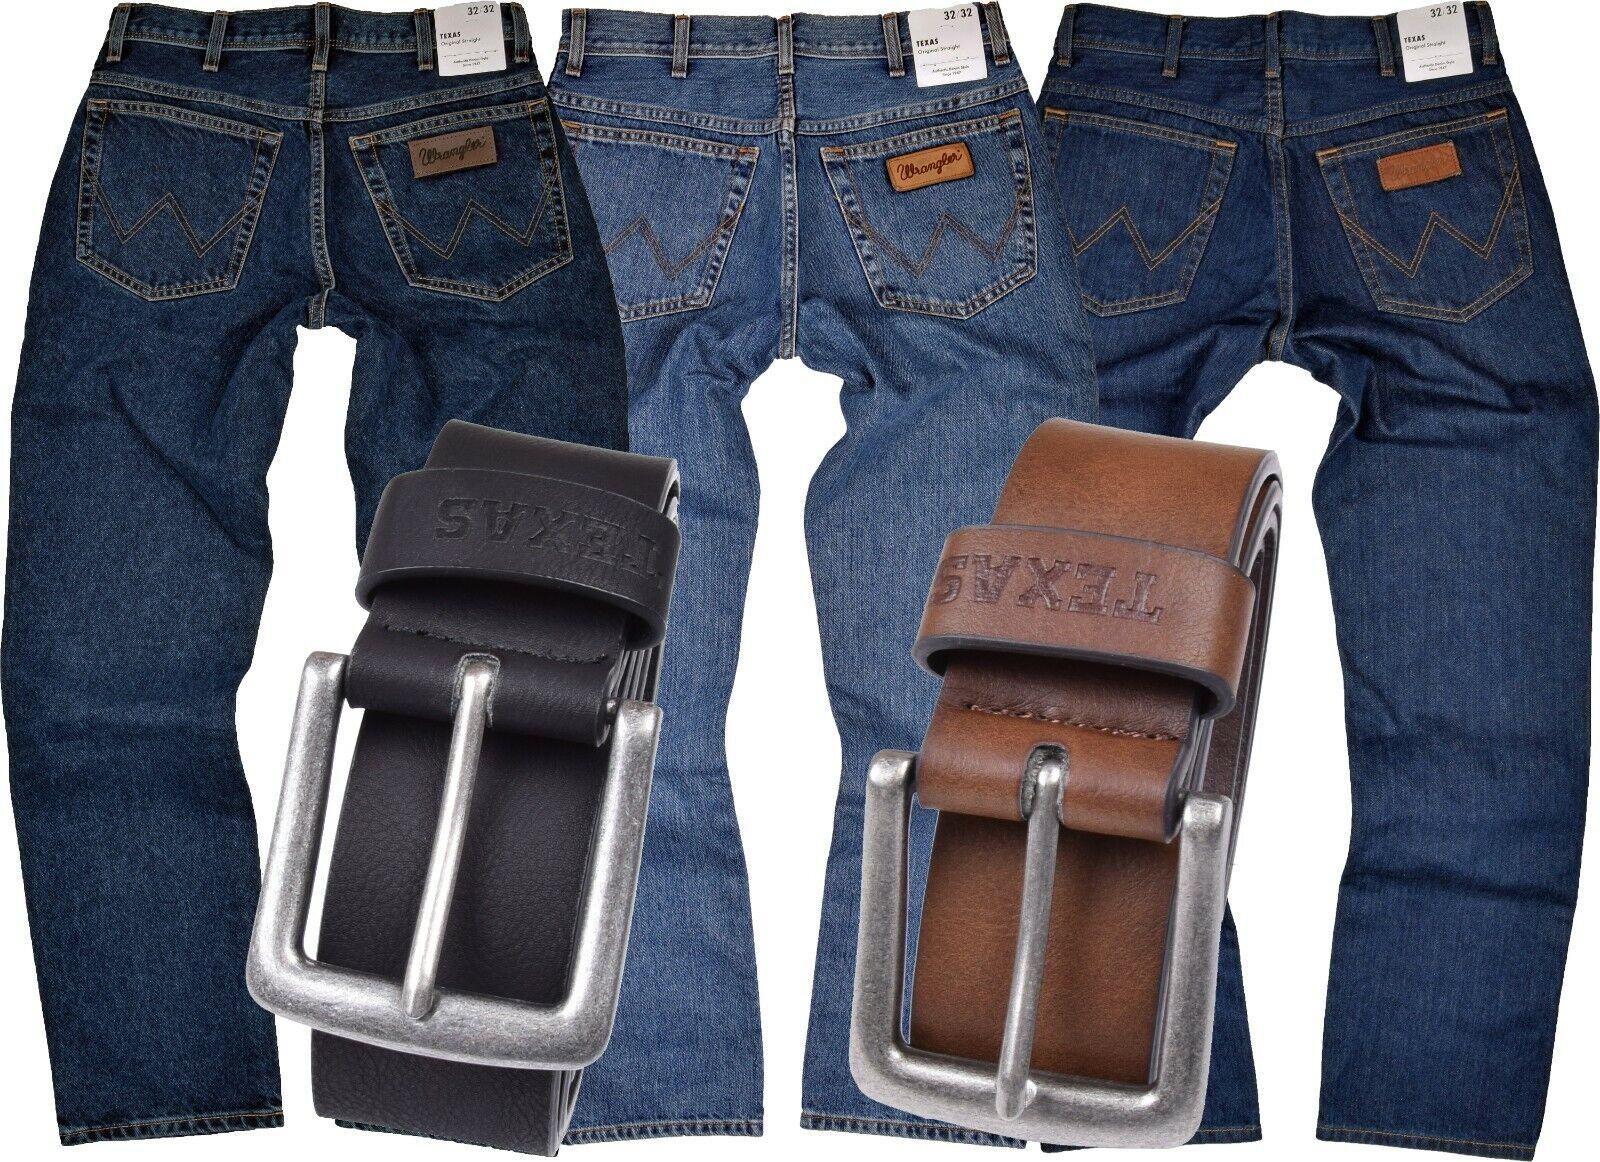 WRANGLER TEXAS Jeans Herren Herrenjeans Jeanshose INKL GÜRTEL 100% Baumwolle